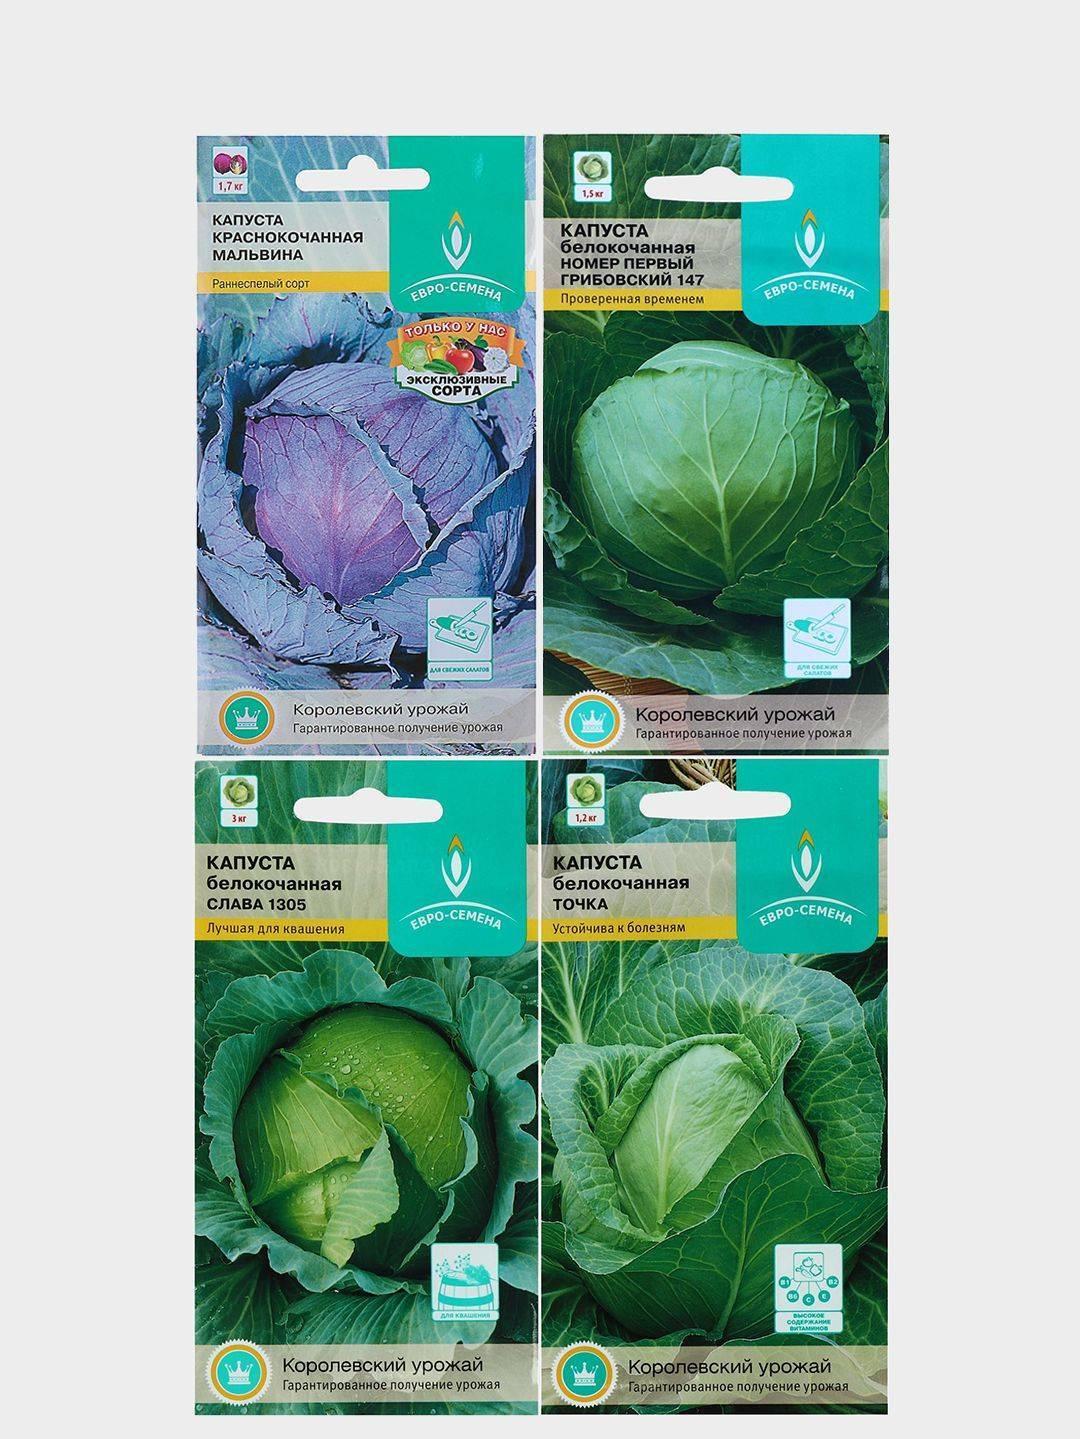 Капуста белокочанная крюмон f1. краткий обзор, описание характеристик brássica olerácea - все сорта - интернет магазин